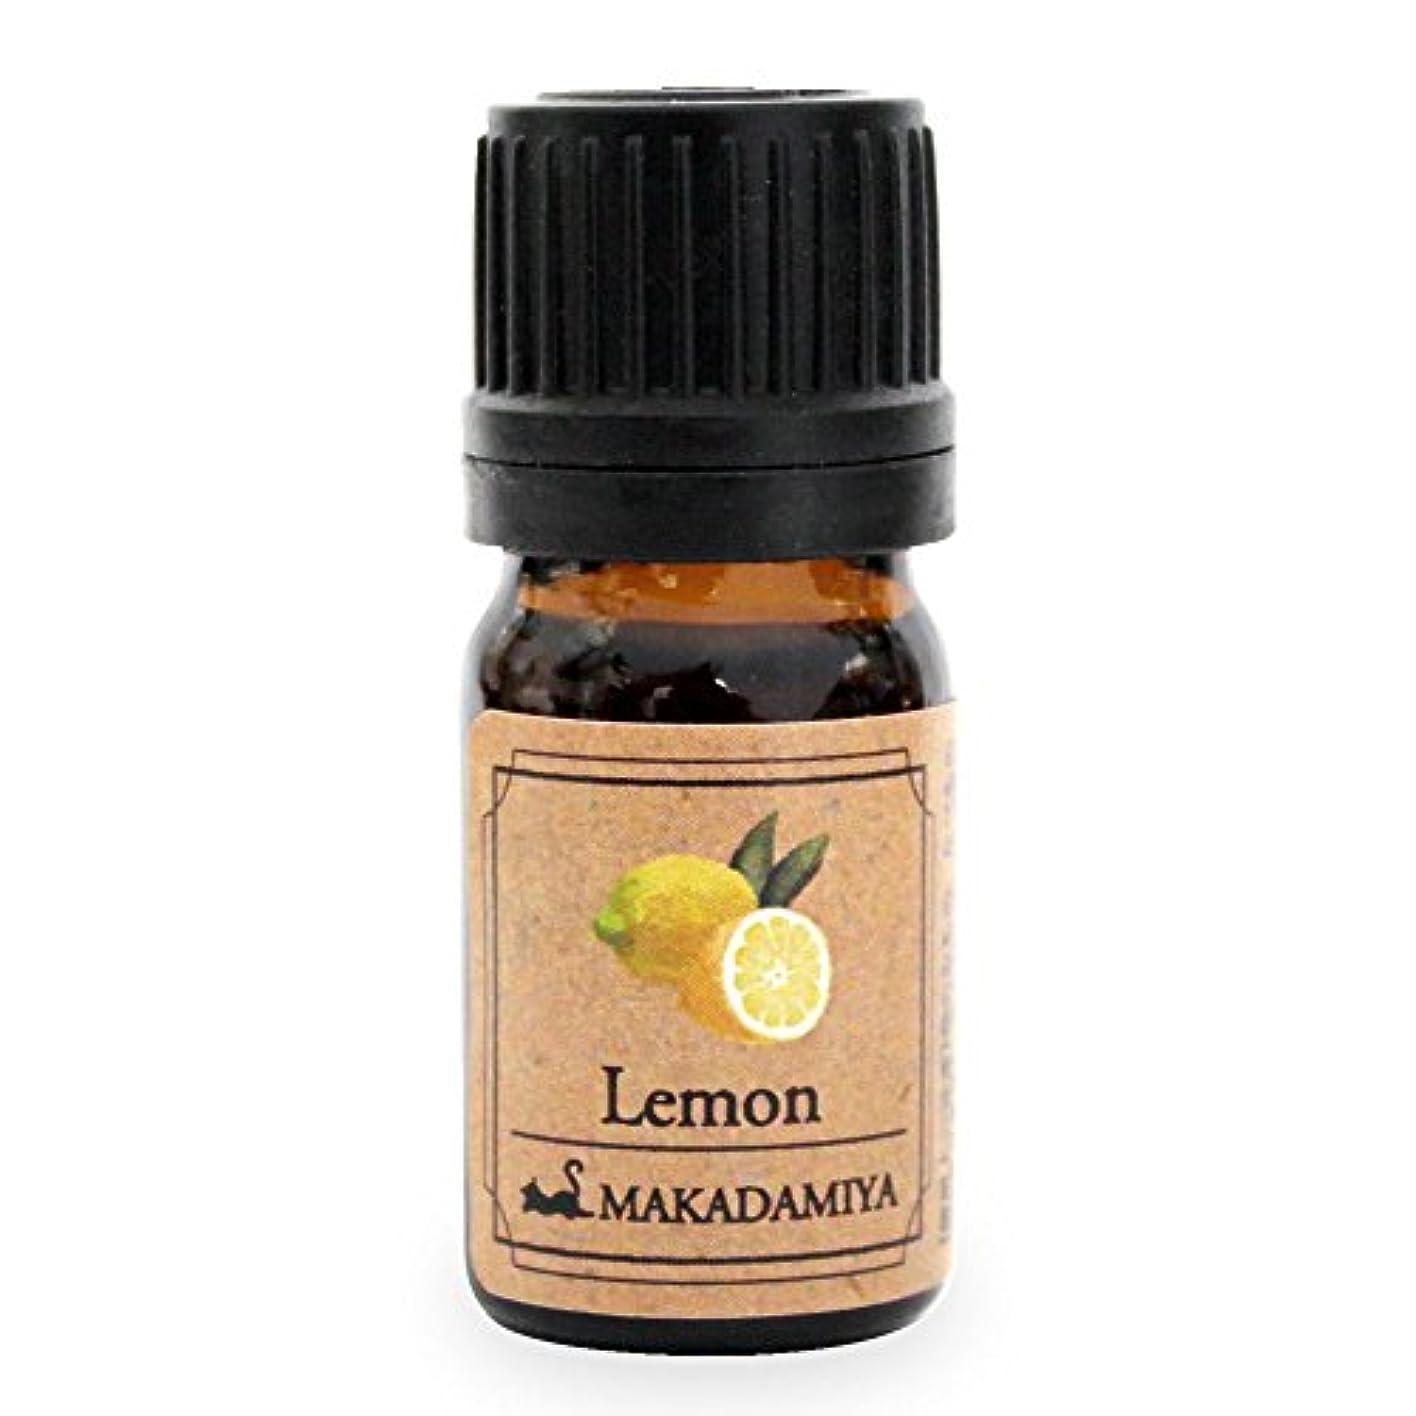 有用ビジターアドバイスレモン5ml 天然100%植物性 エッセンシャルオイル(精油) アロマオイル アロママッサージ aroma Lemon